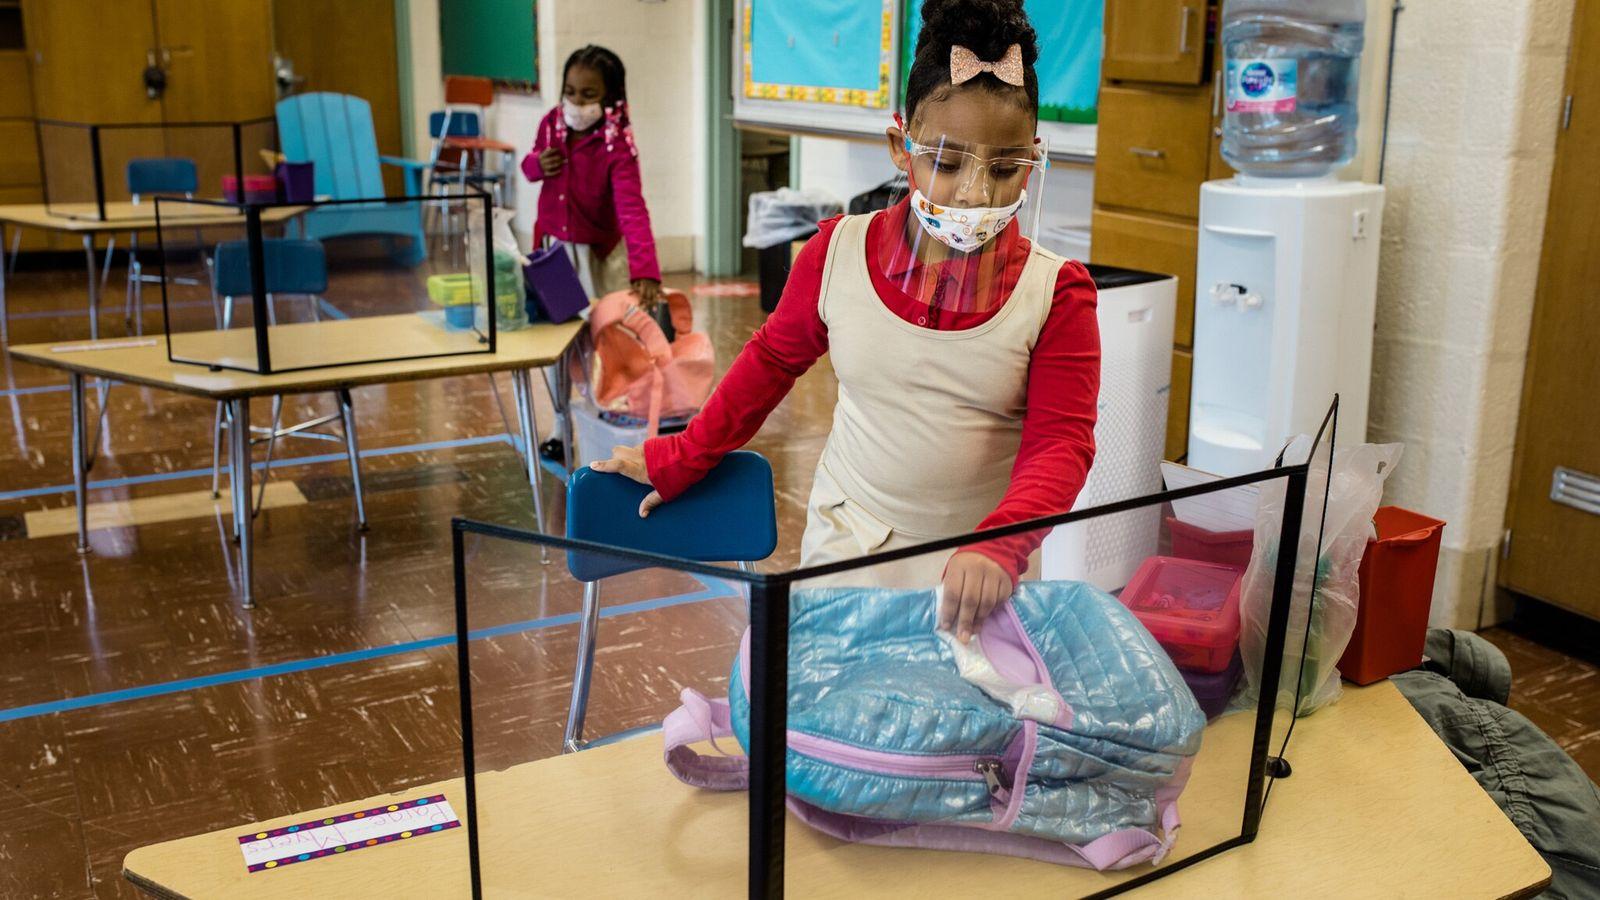 Alunos ocupam seus lugares no primeiro dia de aulas presenciais de educação infantil na Escola de ...